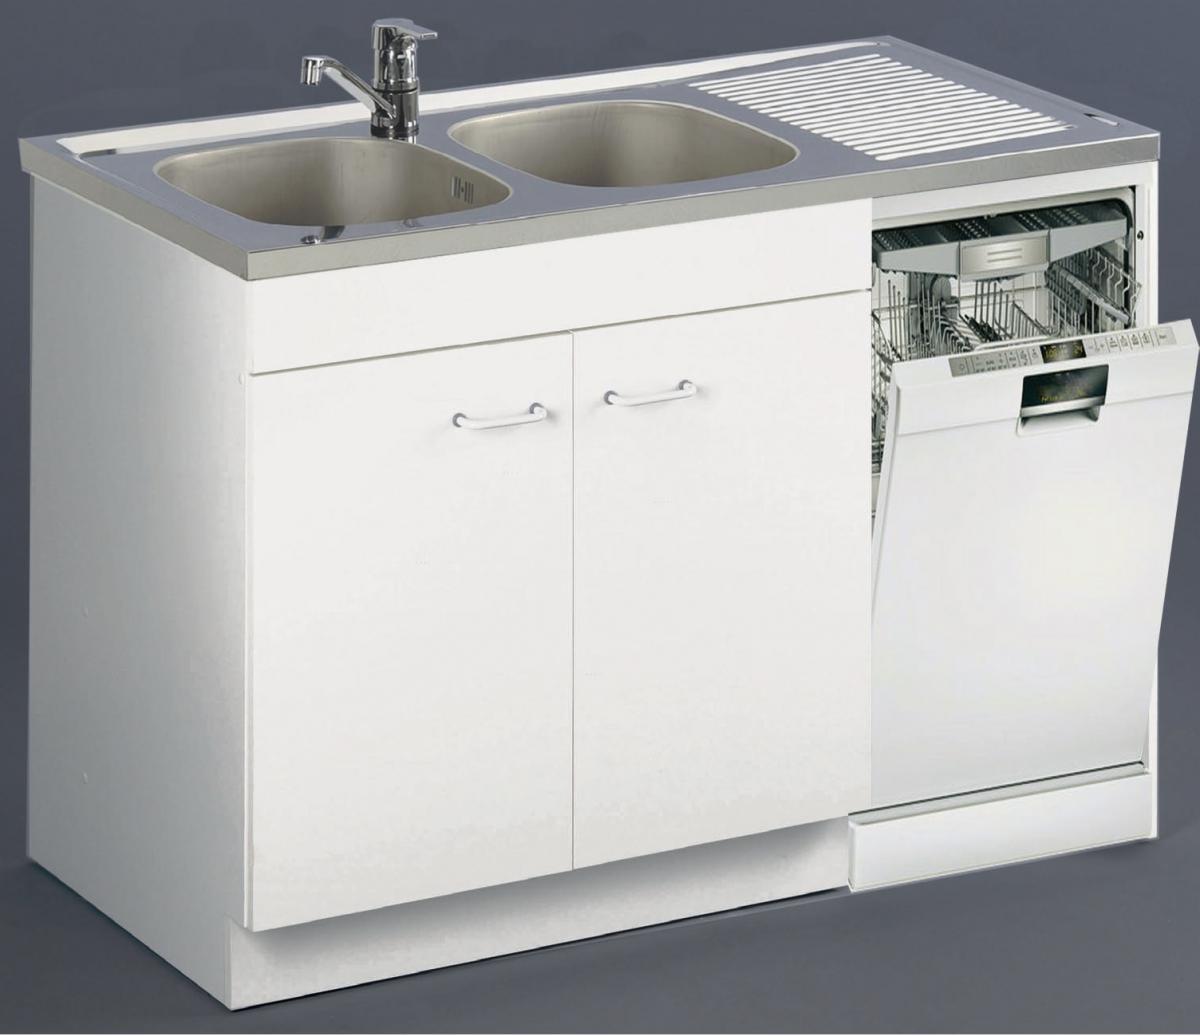 Meuble Sous-Évier Spécial Lave-Vaisselle Aquarine Aquarine concernant Meuble Sous Evier 60 Cm